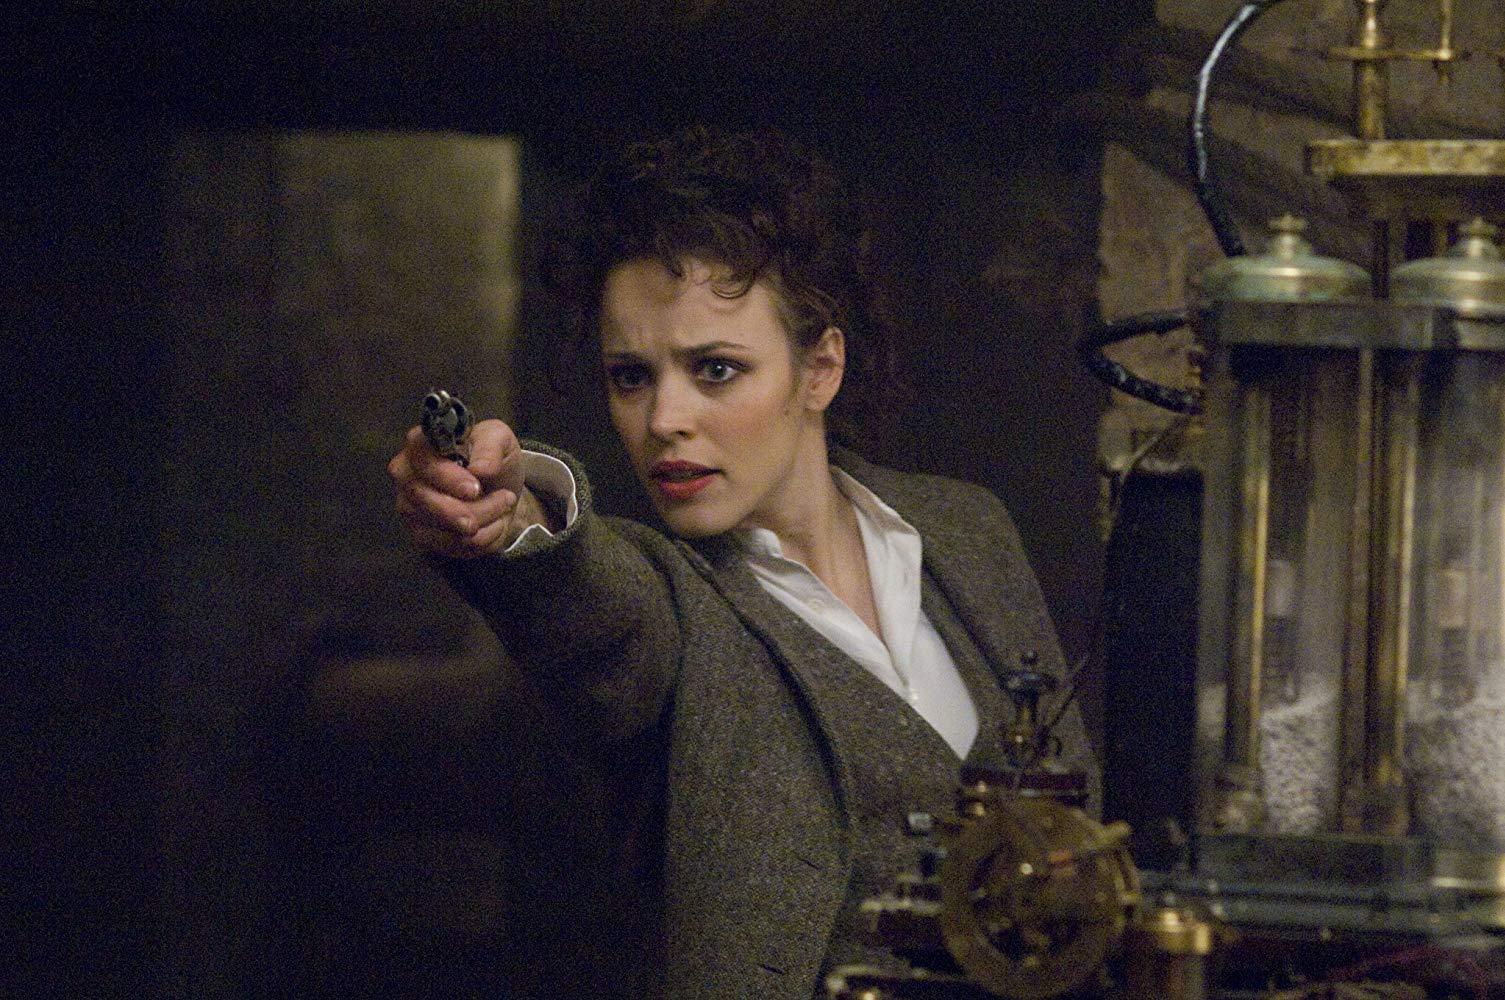 Irene Adler (Rachel McAdams) in Sherlock Holmes (2009)